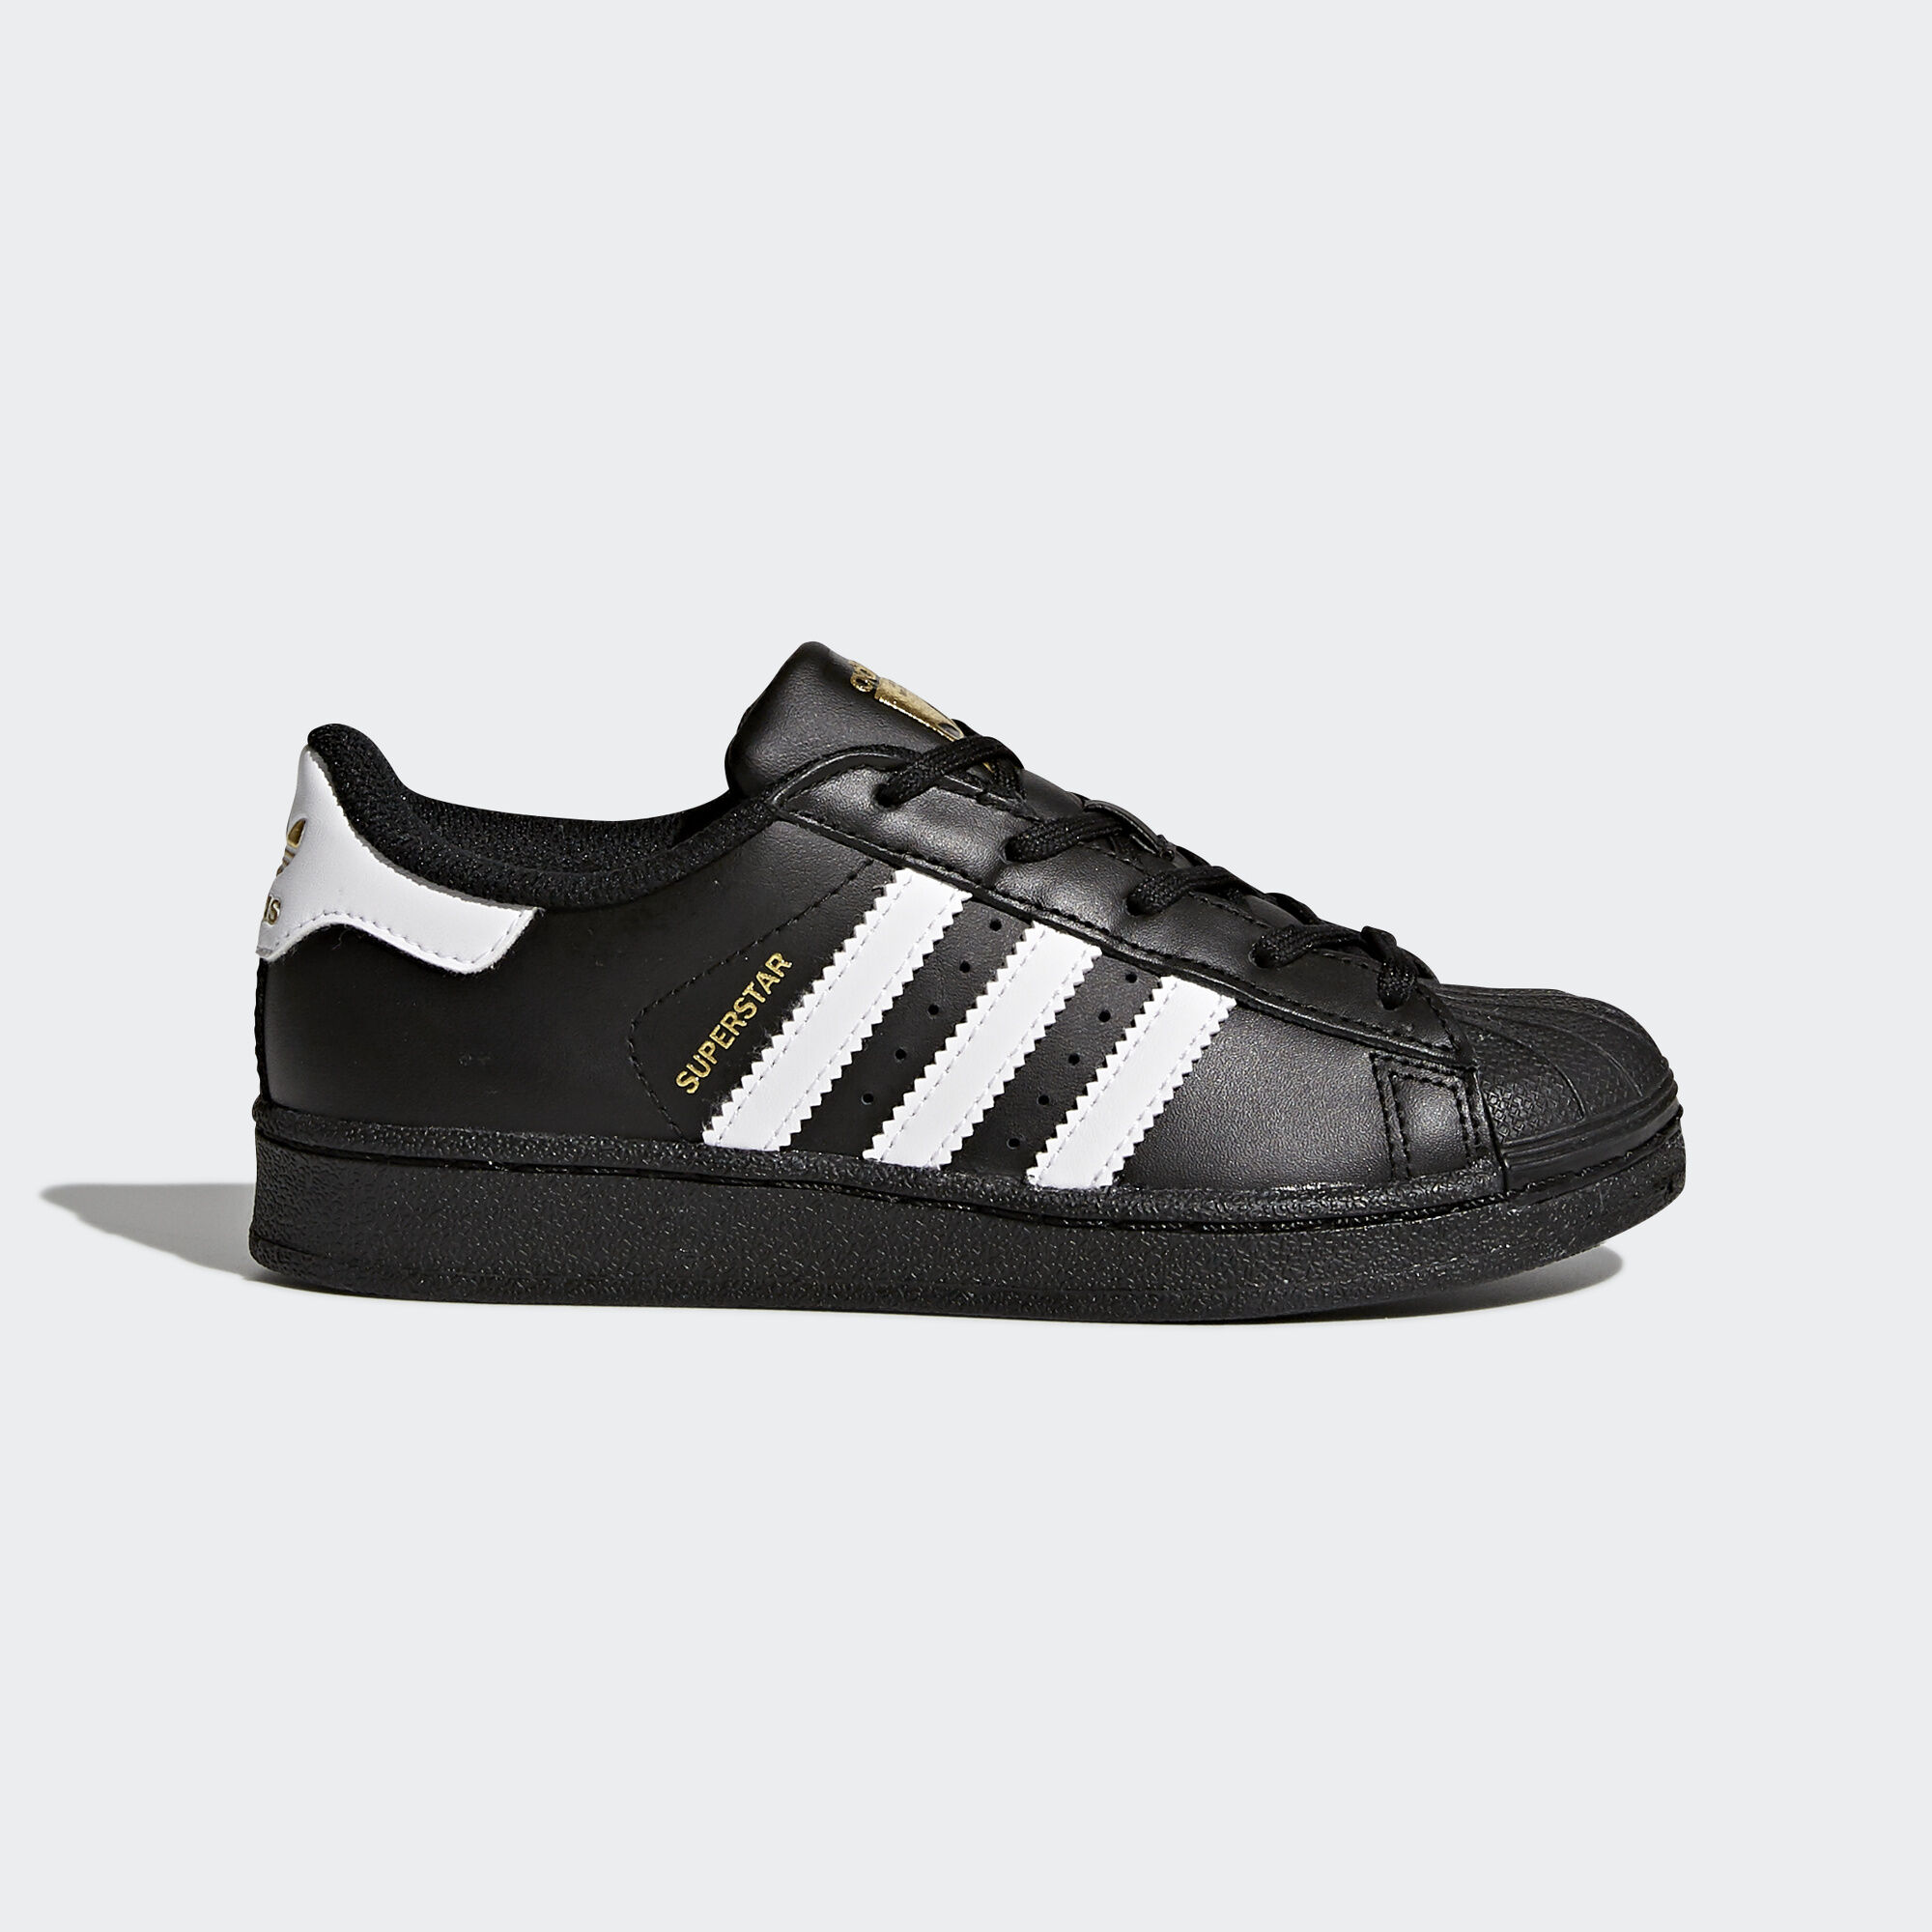 adidas original shoes